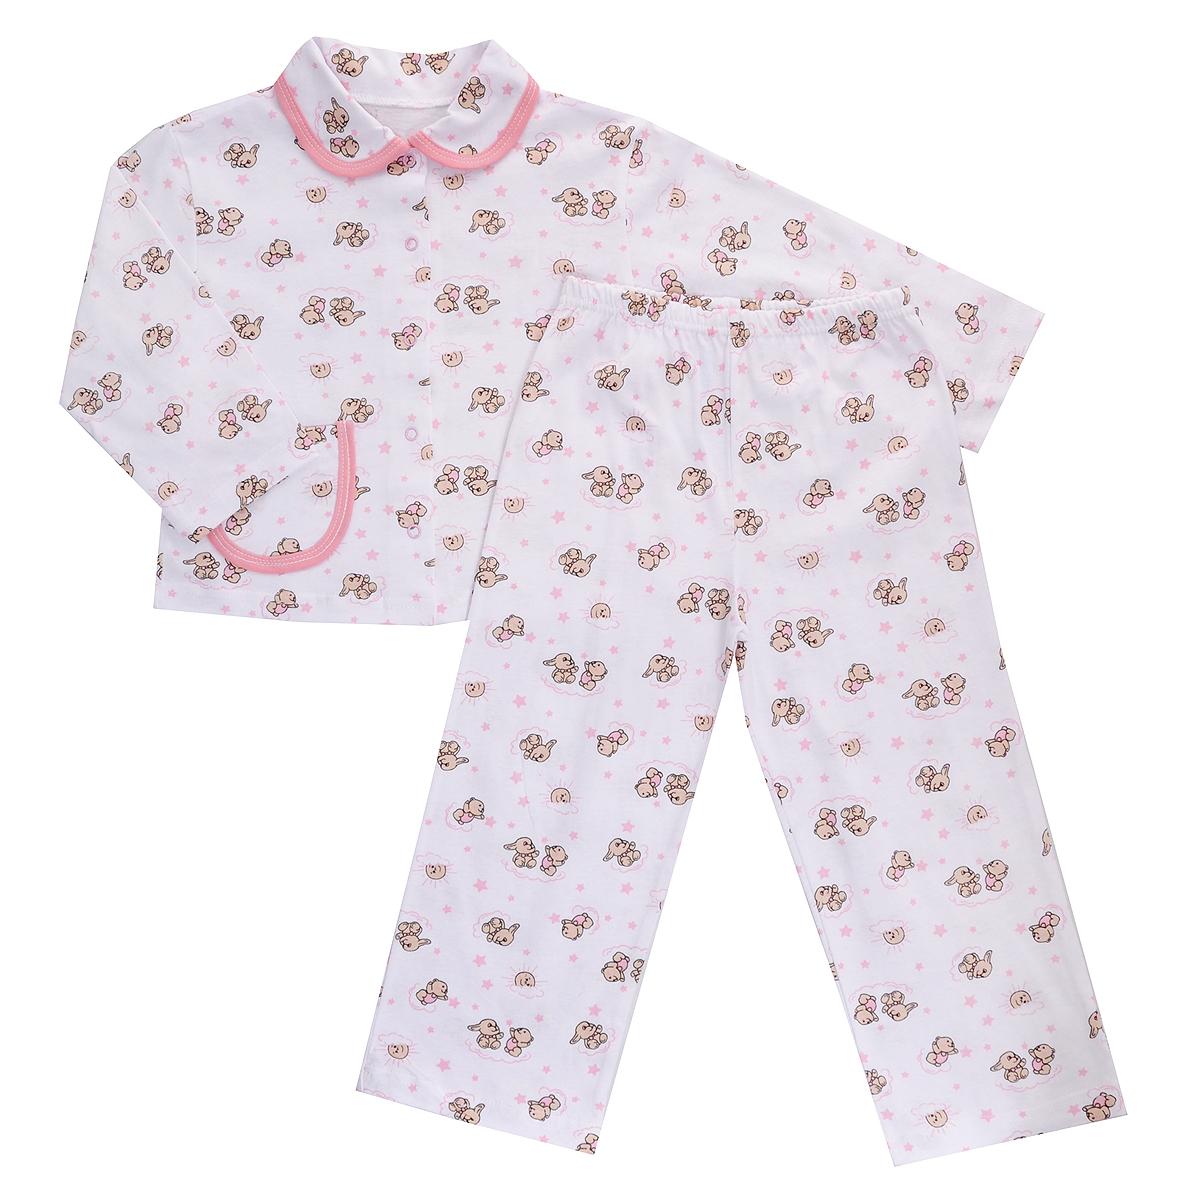 Пижама детская Трон-плюс, цвет: белый розовый рисунок зайцы. 5562. Размер 122/128, 7-10 лет